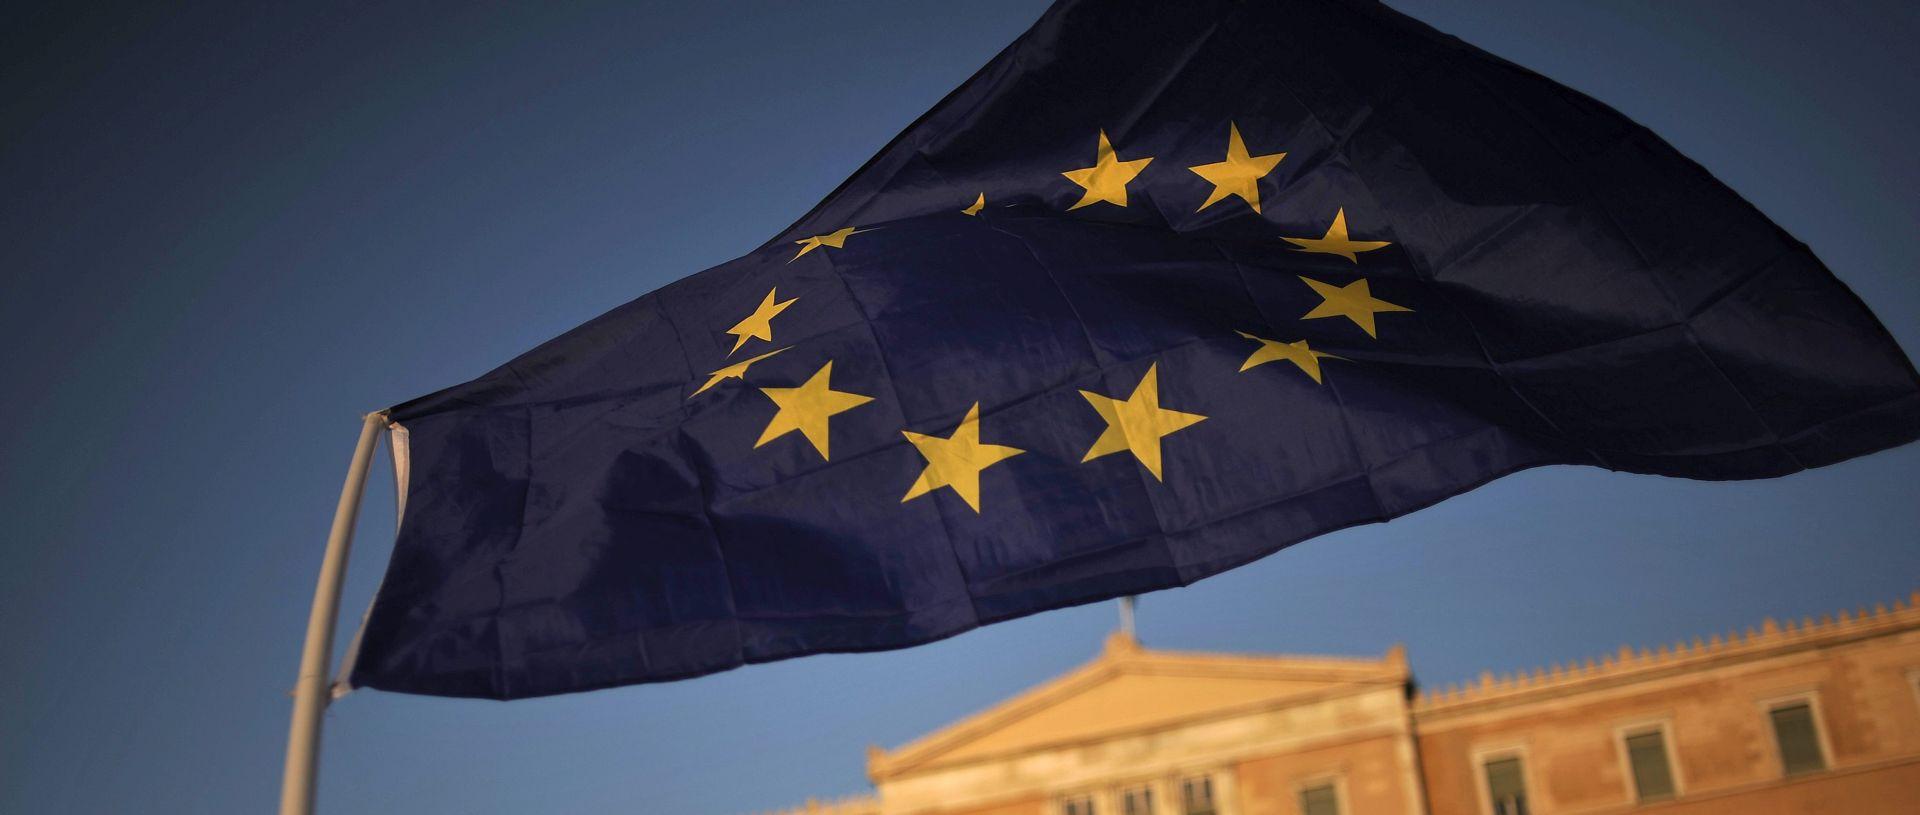 Grčka se do 20. kolovoza želi dogovoriti o novom zajmu